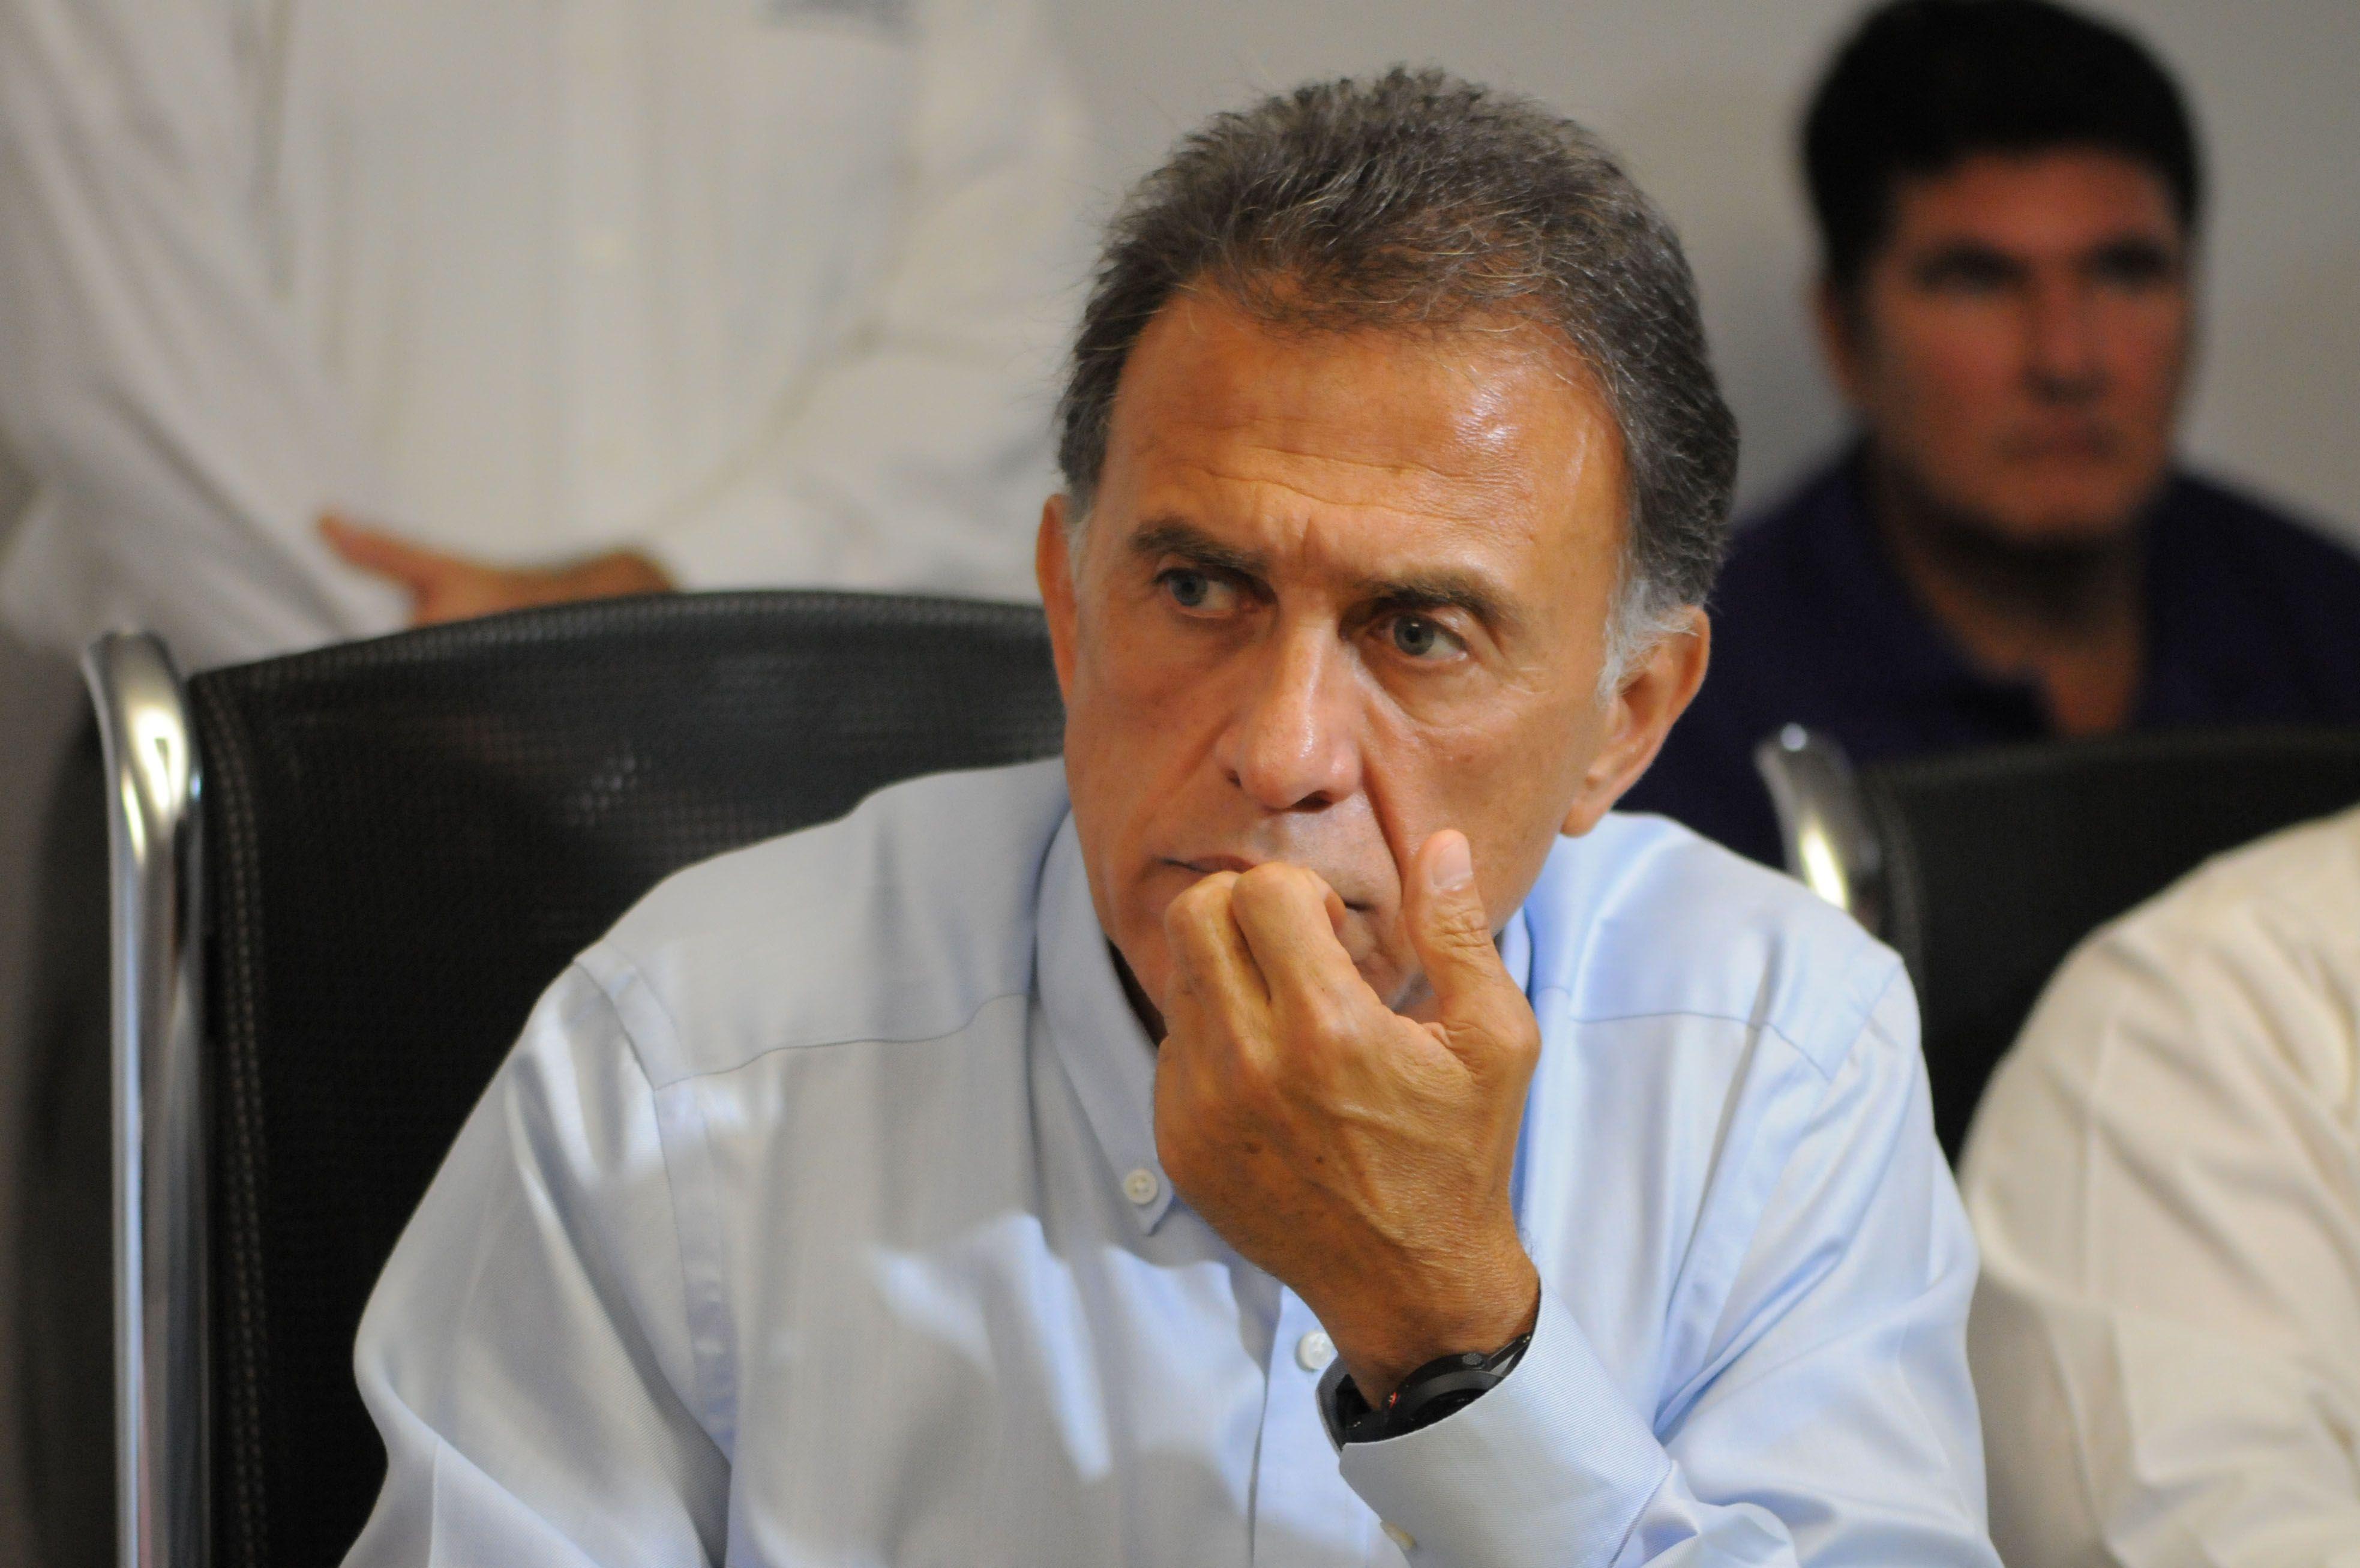 Emergencia Financiera en el estado de Veracruz - http://www.notimundo.com.mx/estados/emergencia-financiera-estado-veracruz/